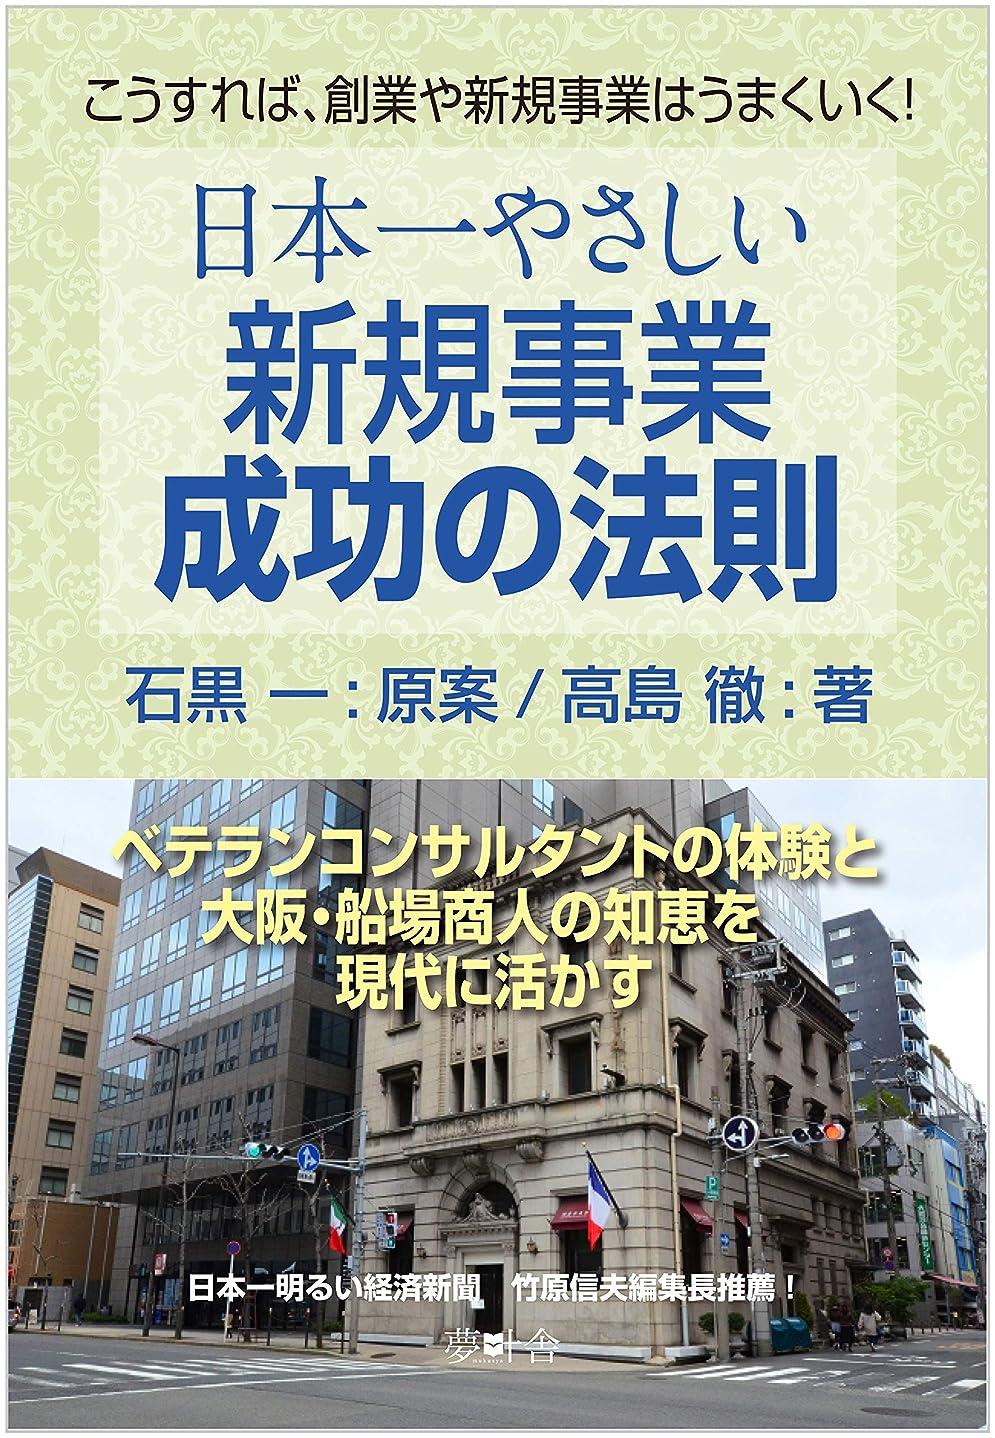 小さい独創的女優日本一やさしい 新規事業成功の法則: こうすれば、創業や新規事業はうまくいく! (株式会社決断力)